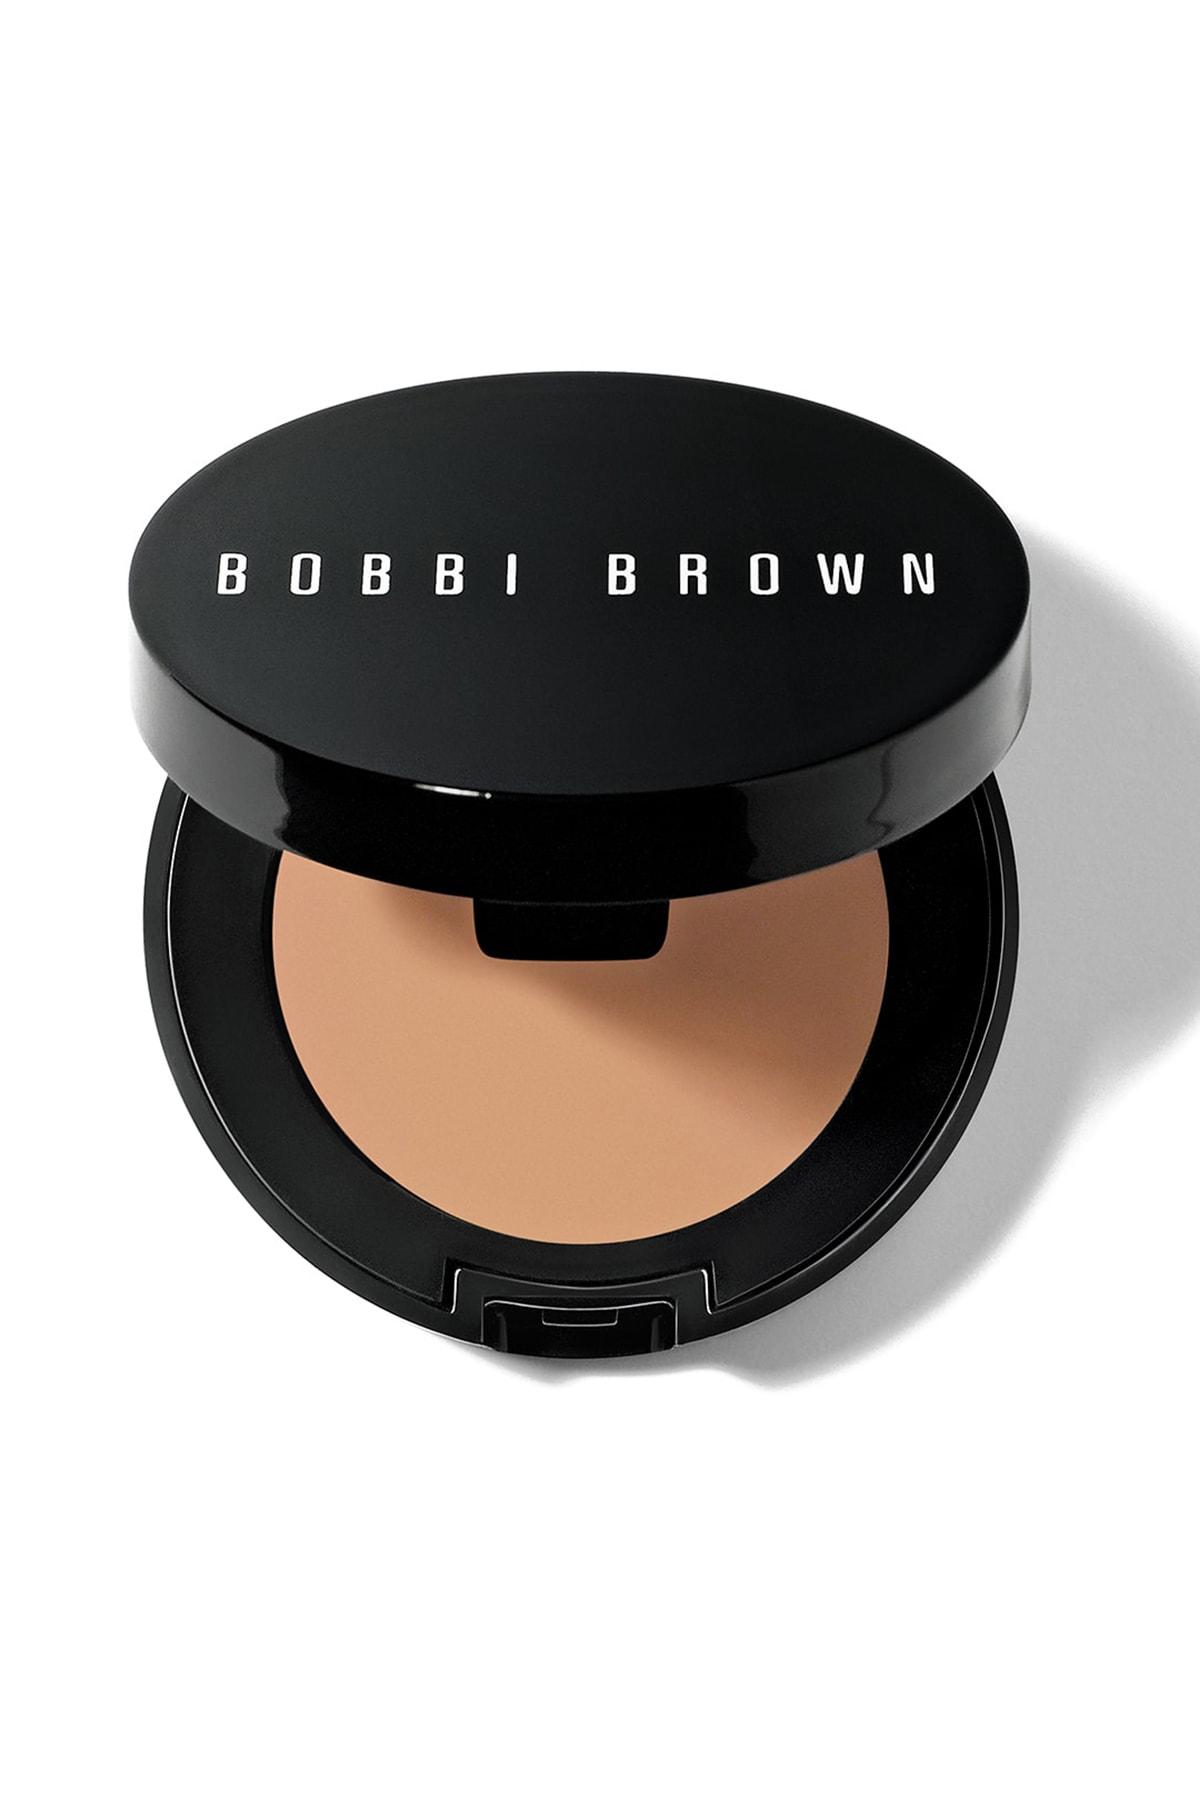 BOBBI BROWN Kapatıcı - Corrector Peach Bisque 1.4 g 716170107745